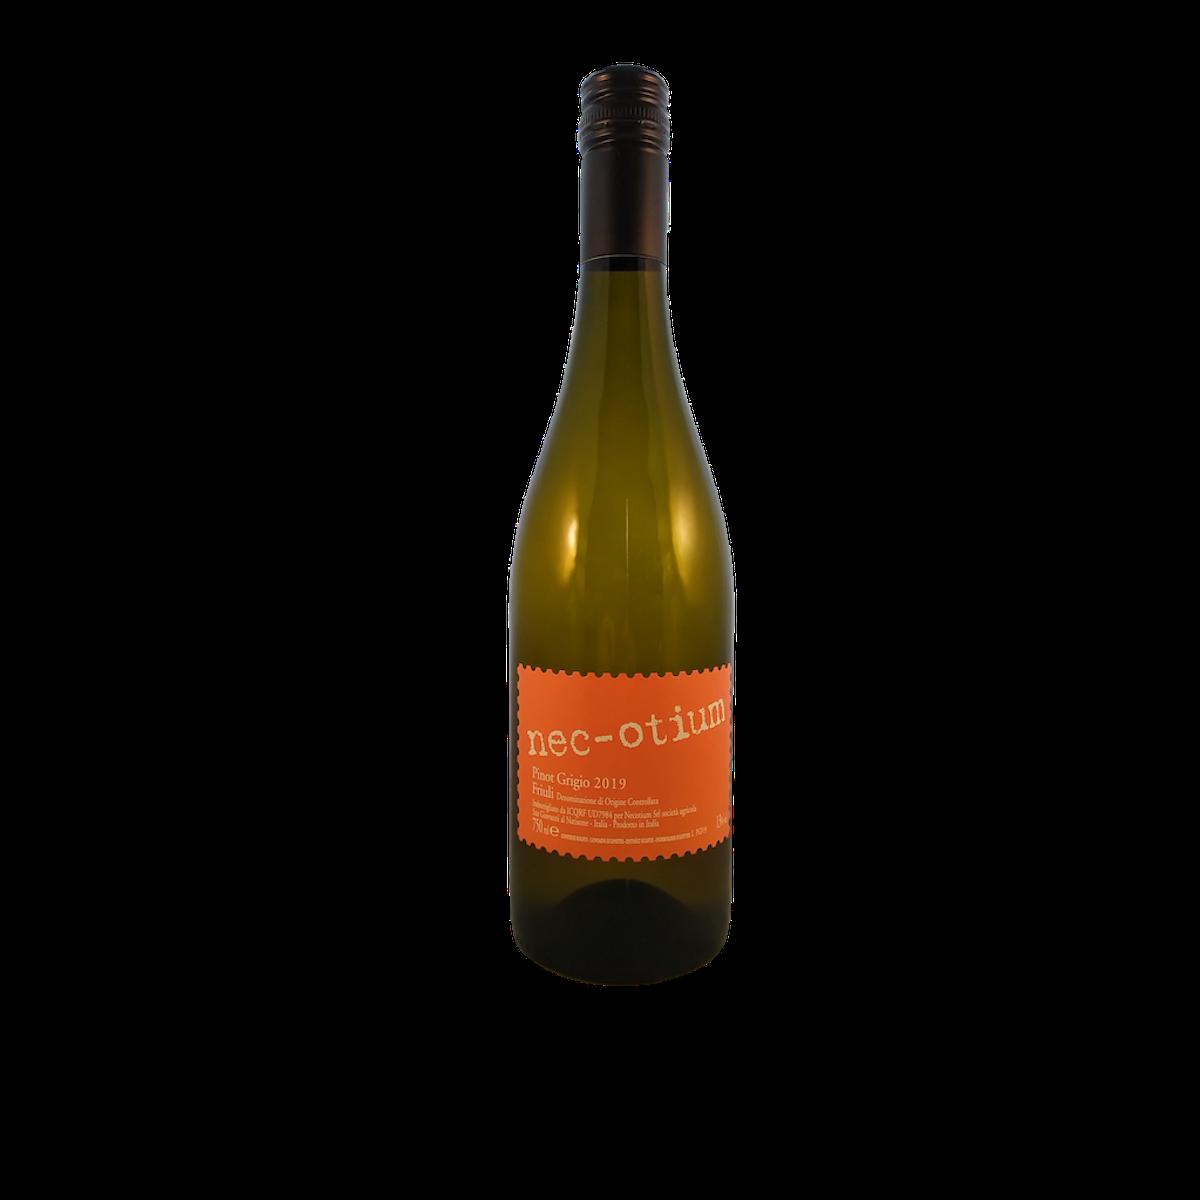 Pinot grigio 'Nec-Otium', 2020